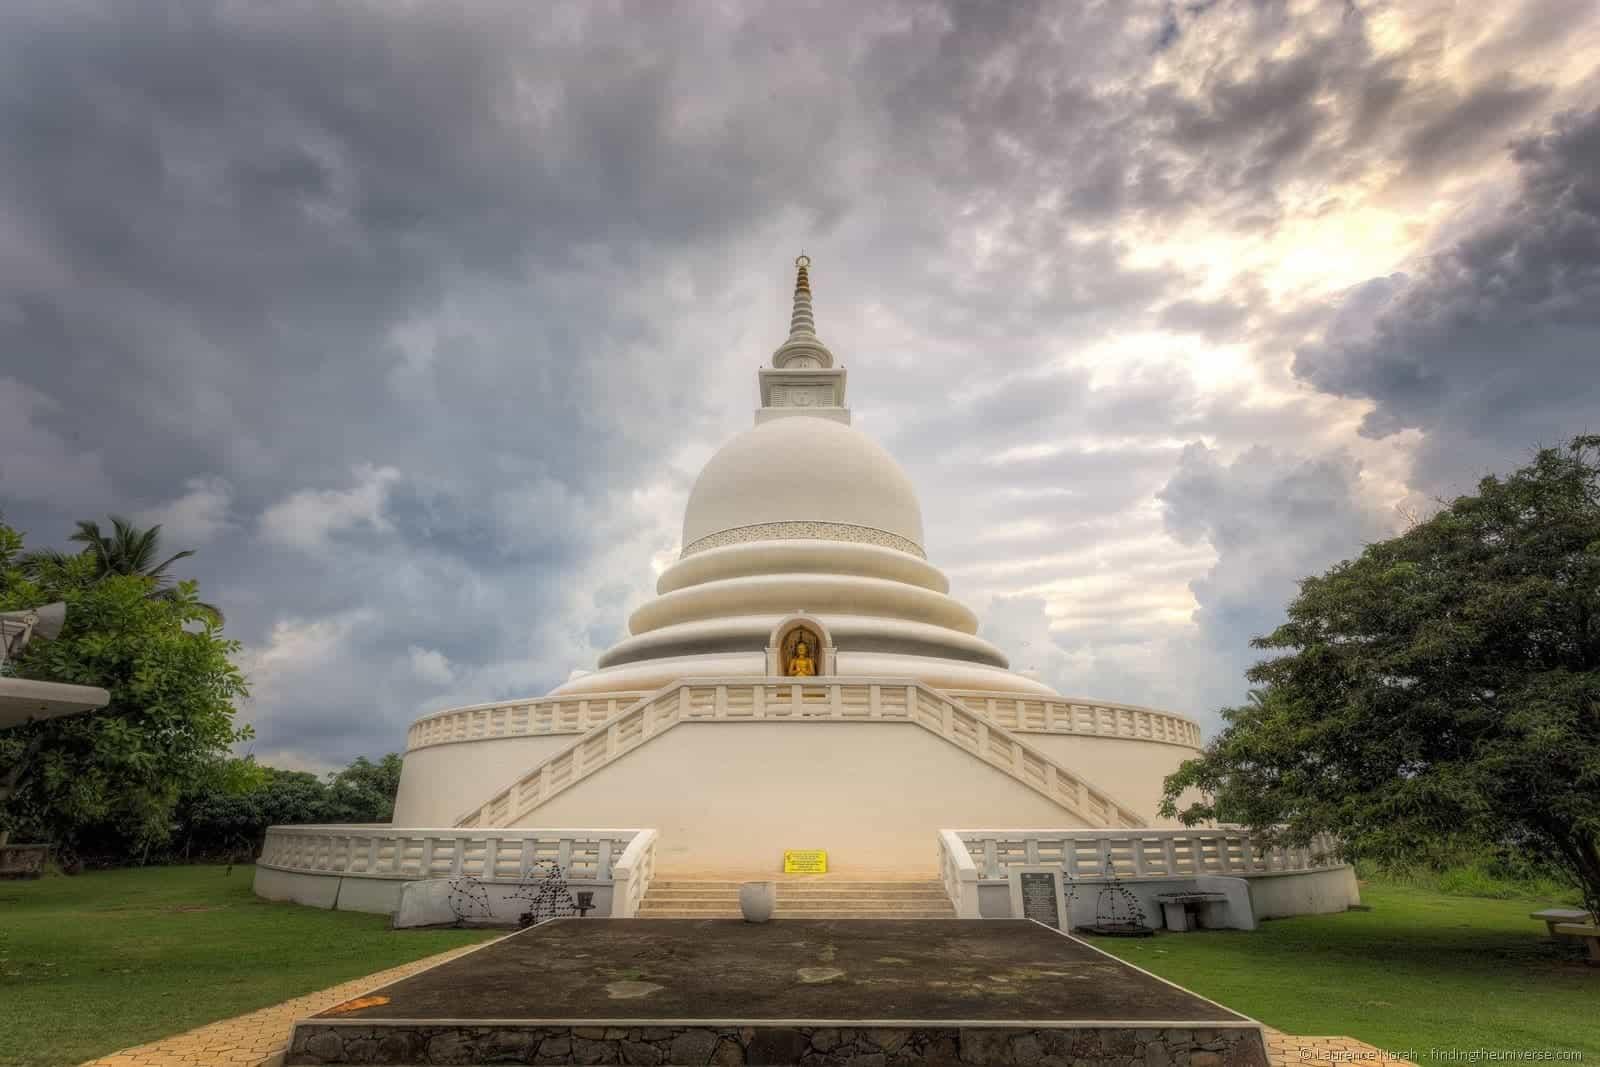 The Japanese Peace Pagoda in Mirissa, Sri Lanka.